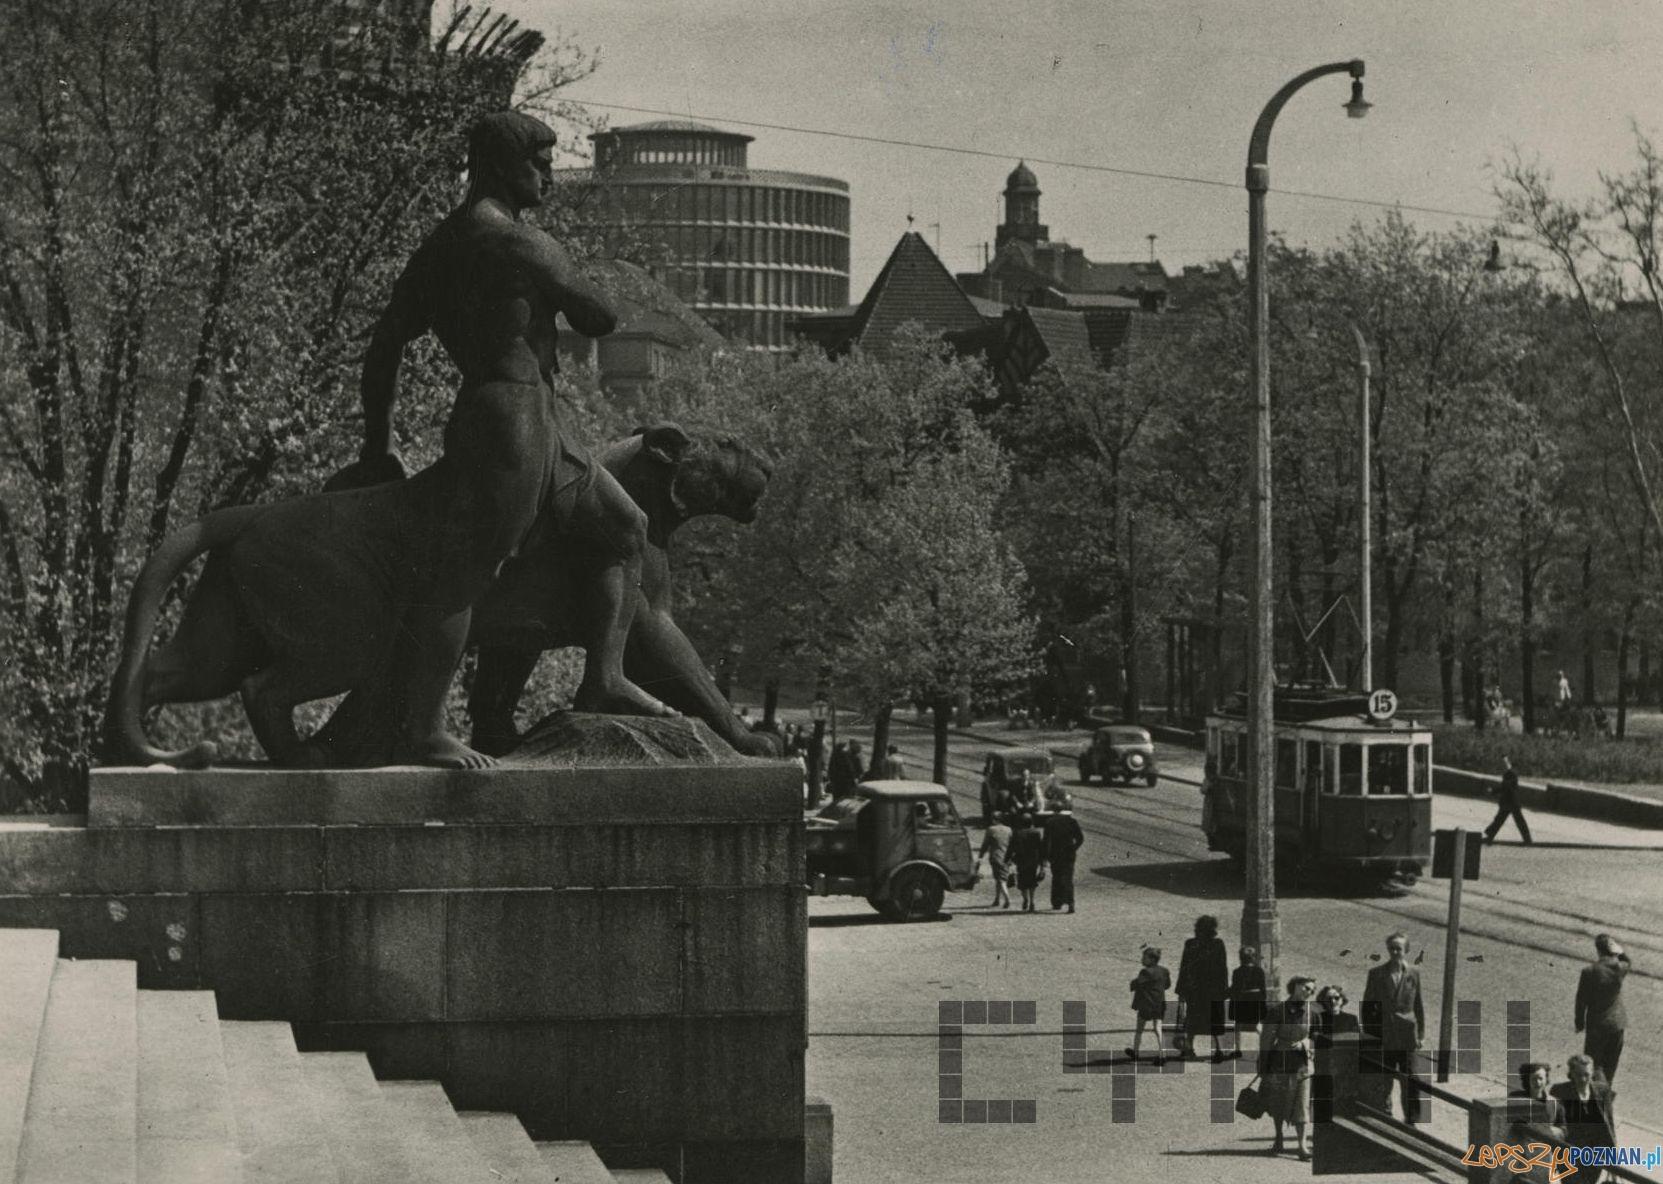 Fredry i Okrąglak  Foto: J. Osuchowski / Cyryl 1960-65,  kolekcja pocztowek Małgorzaty Szulc